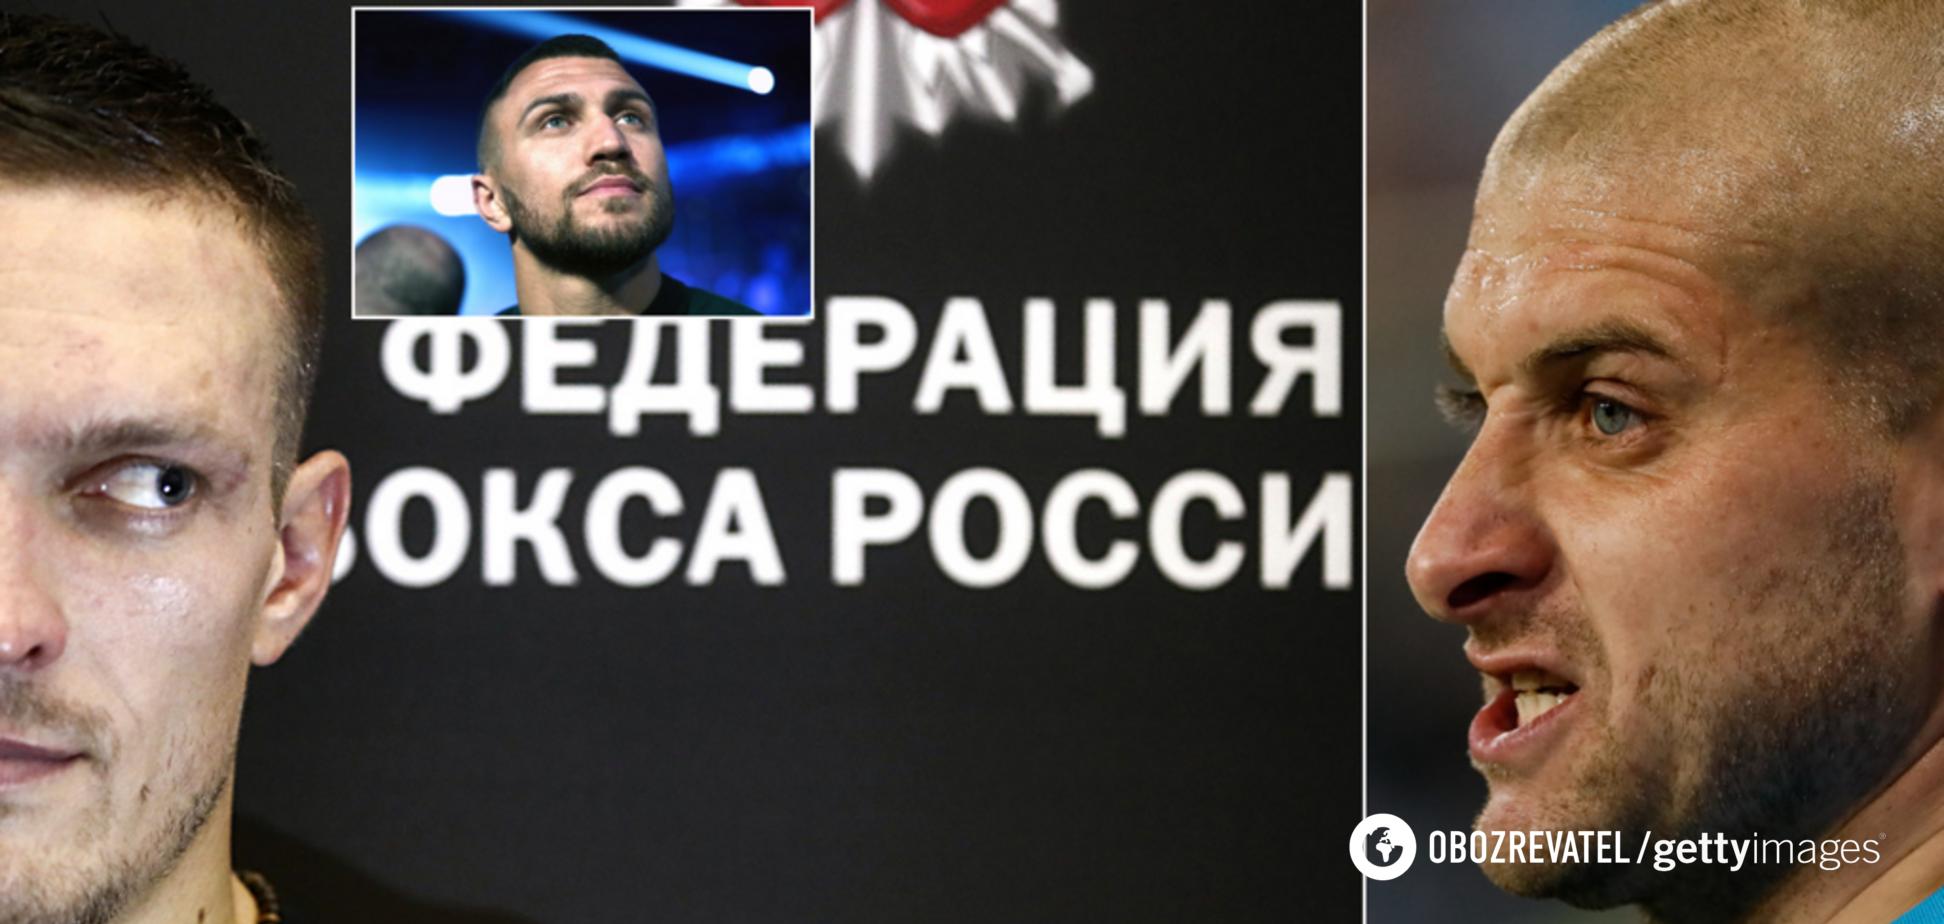 Усик и деньги 'Газпрома': самые громкие скандалы украинских спортсменов из-за 'русского мира'